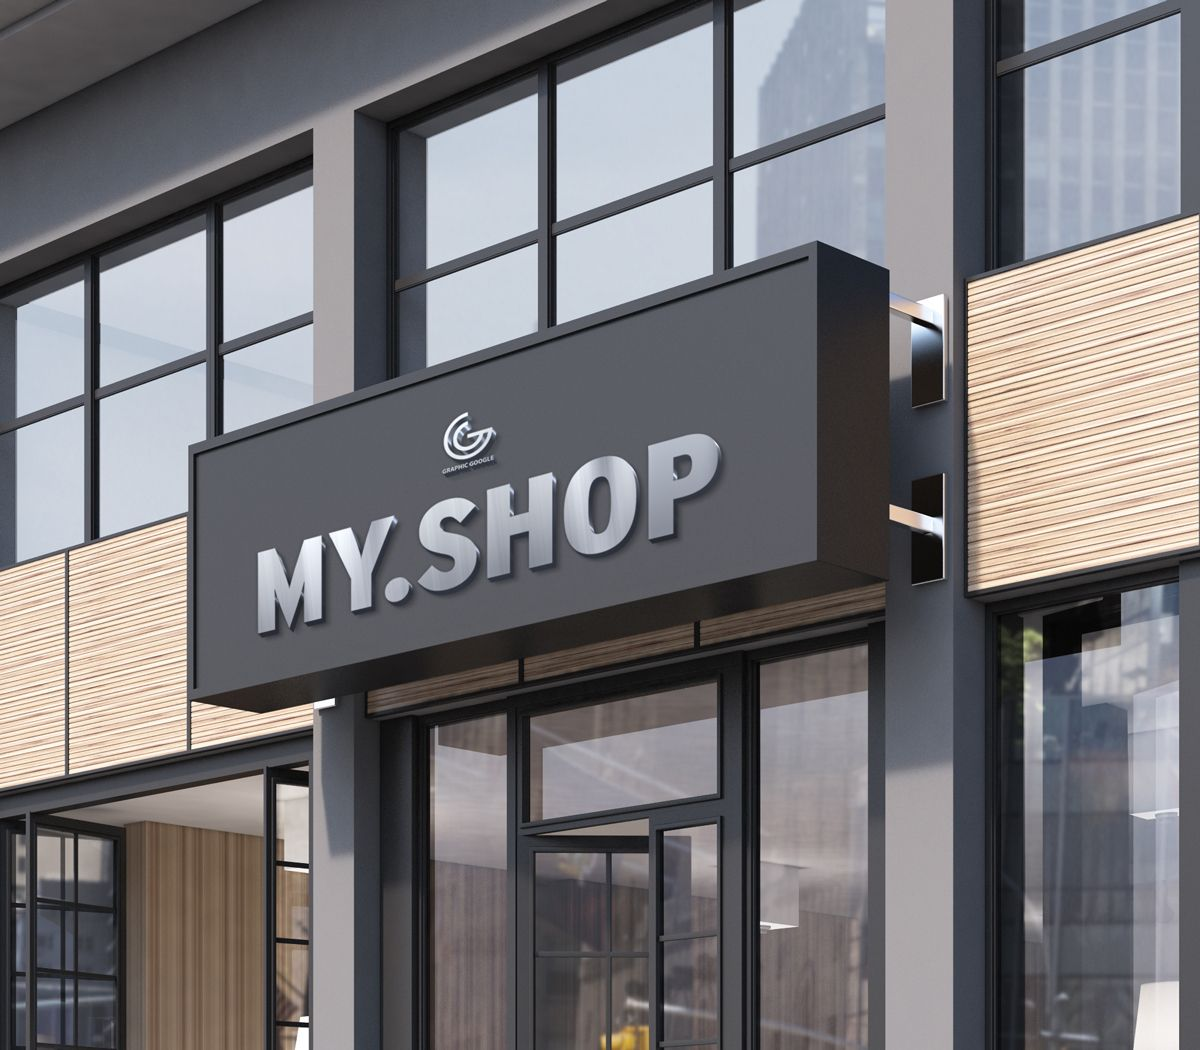 Free Shop Facade Mockup Psd 2018 Shop Facade Design Mockup Free Shop Front Design